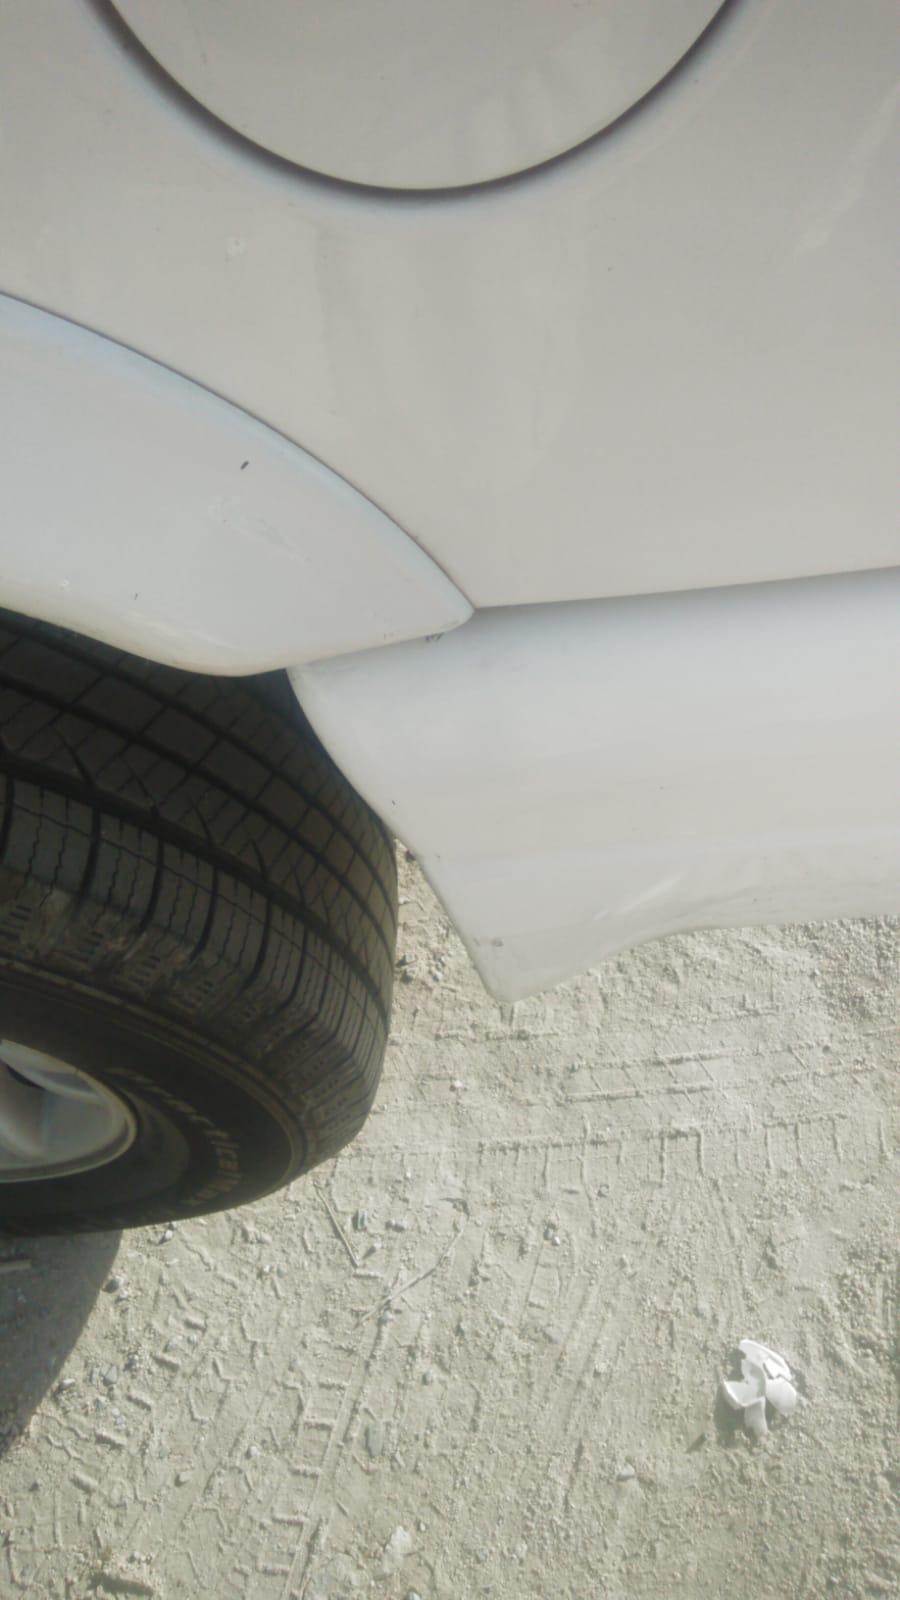 2002 Dodge Durango Build-0770359b-6b9a-43a1-b9dc-69c5ce7af783.jpg